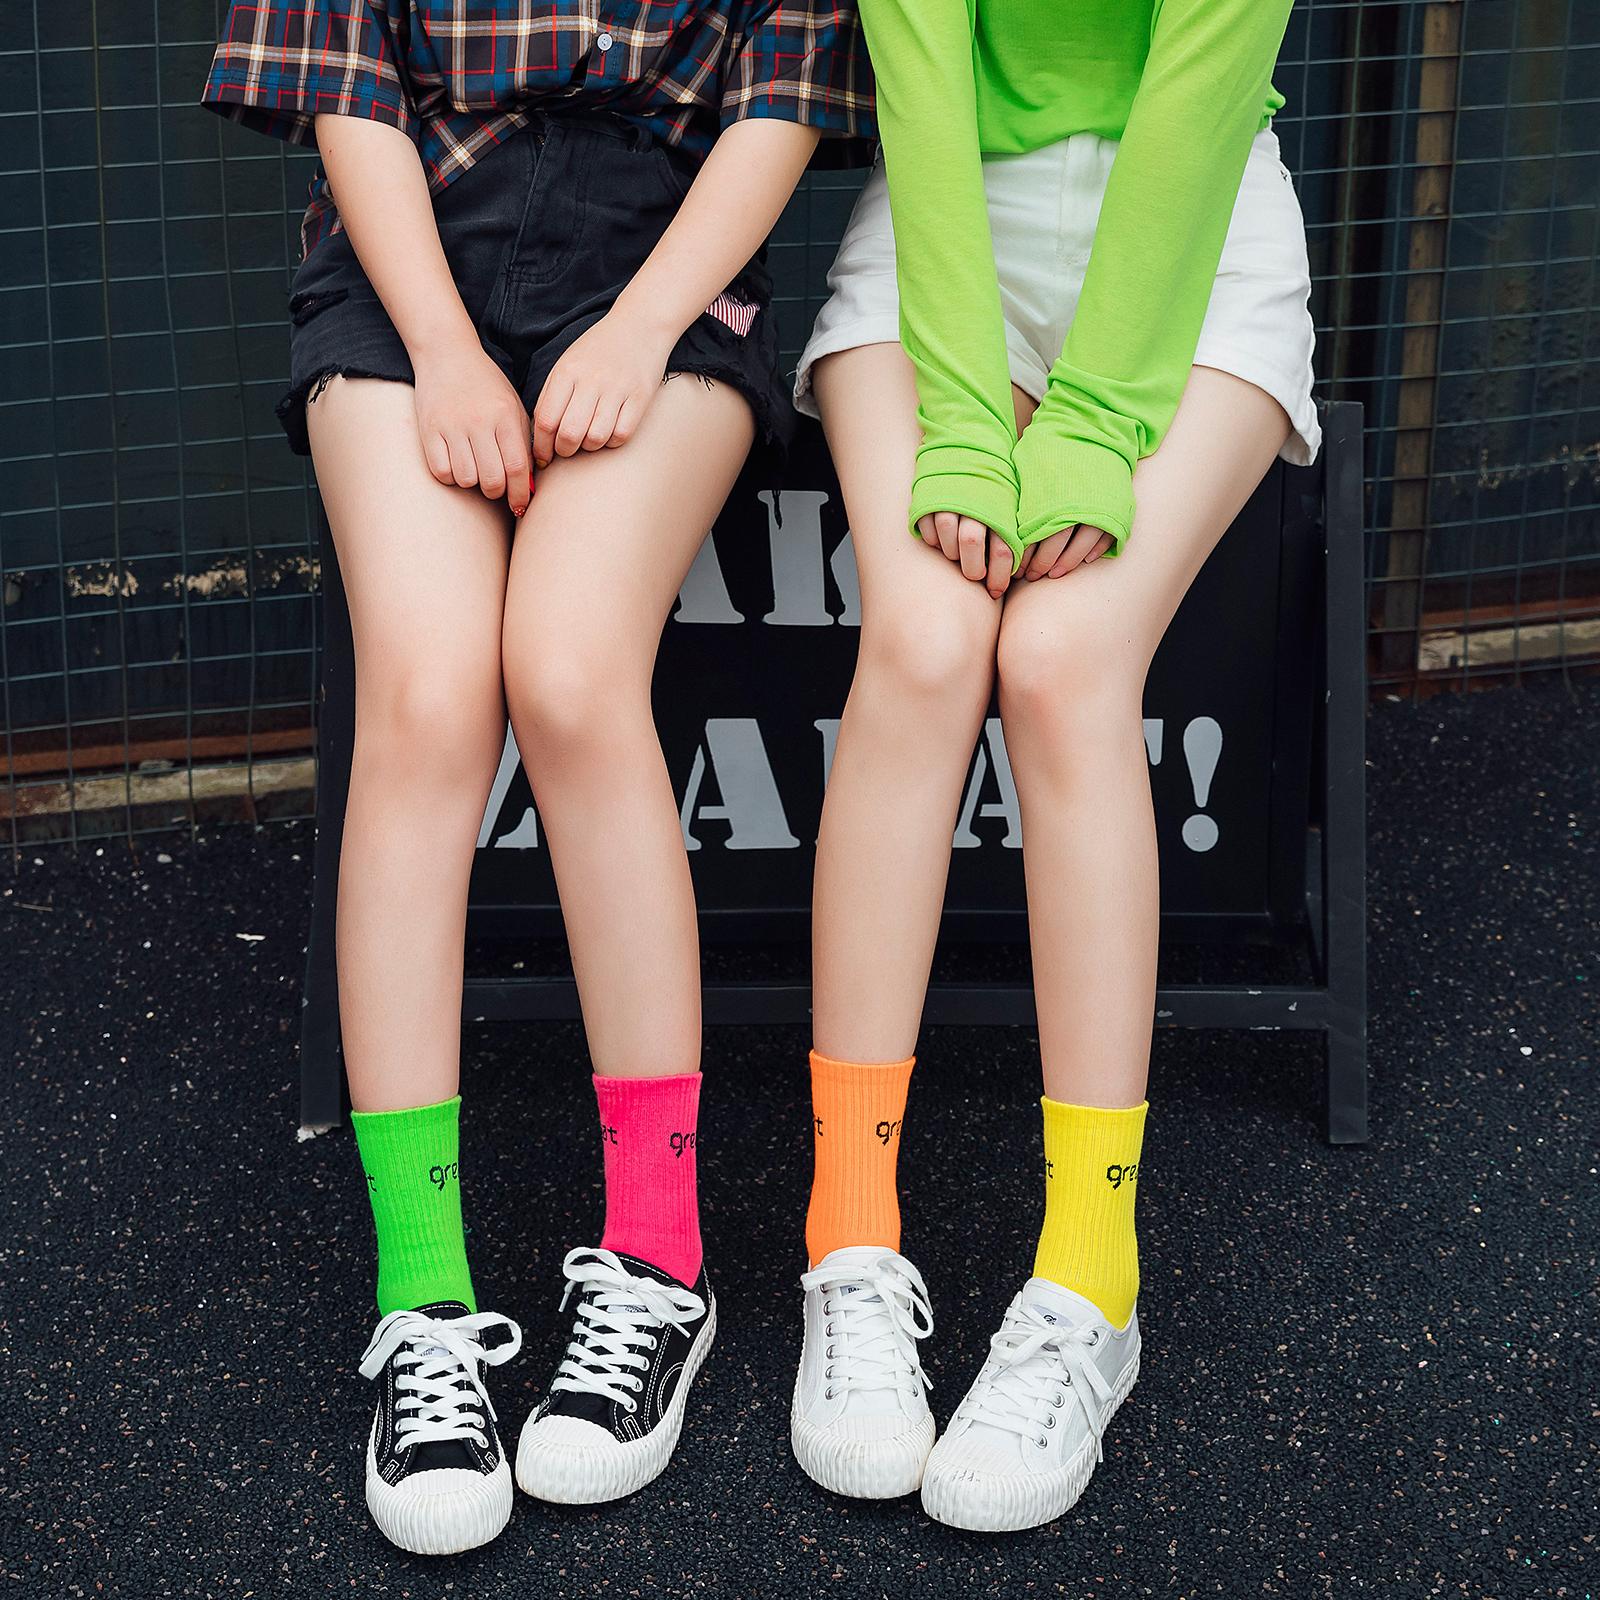 糖果色长筒袜子女ins潮网红夏天薄款中筒袜夏季玫红彩色运动高帮